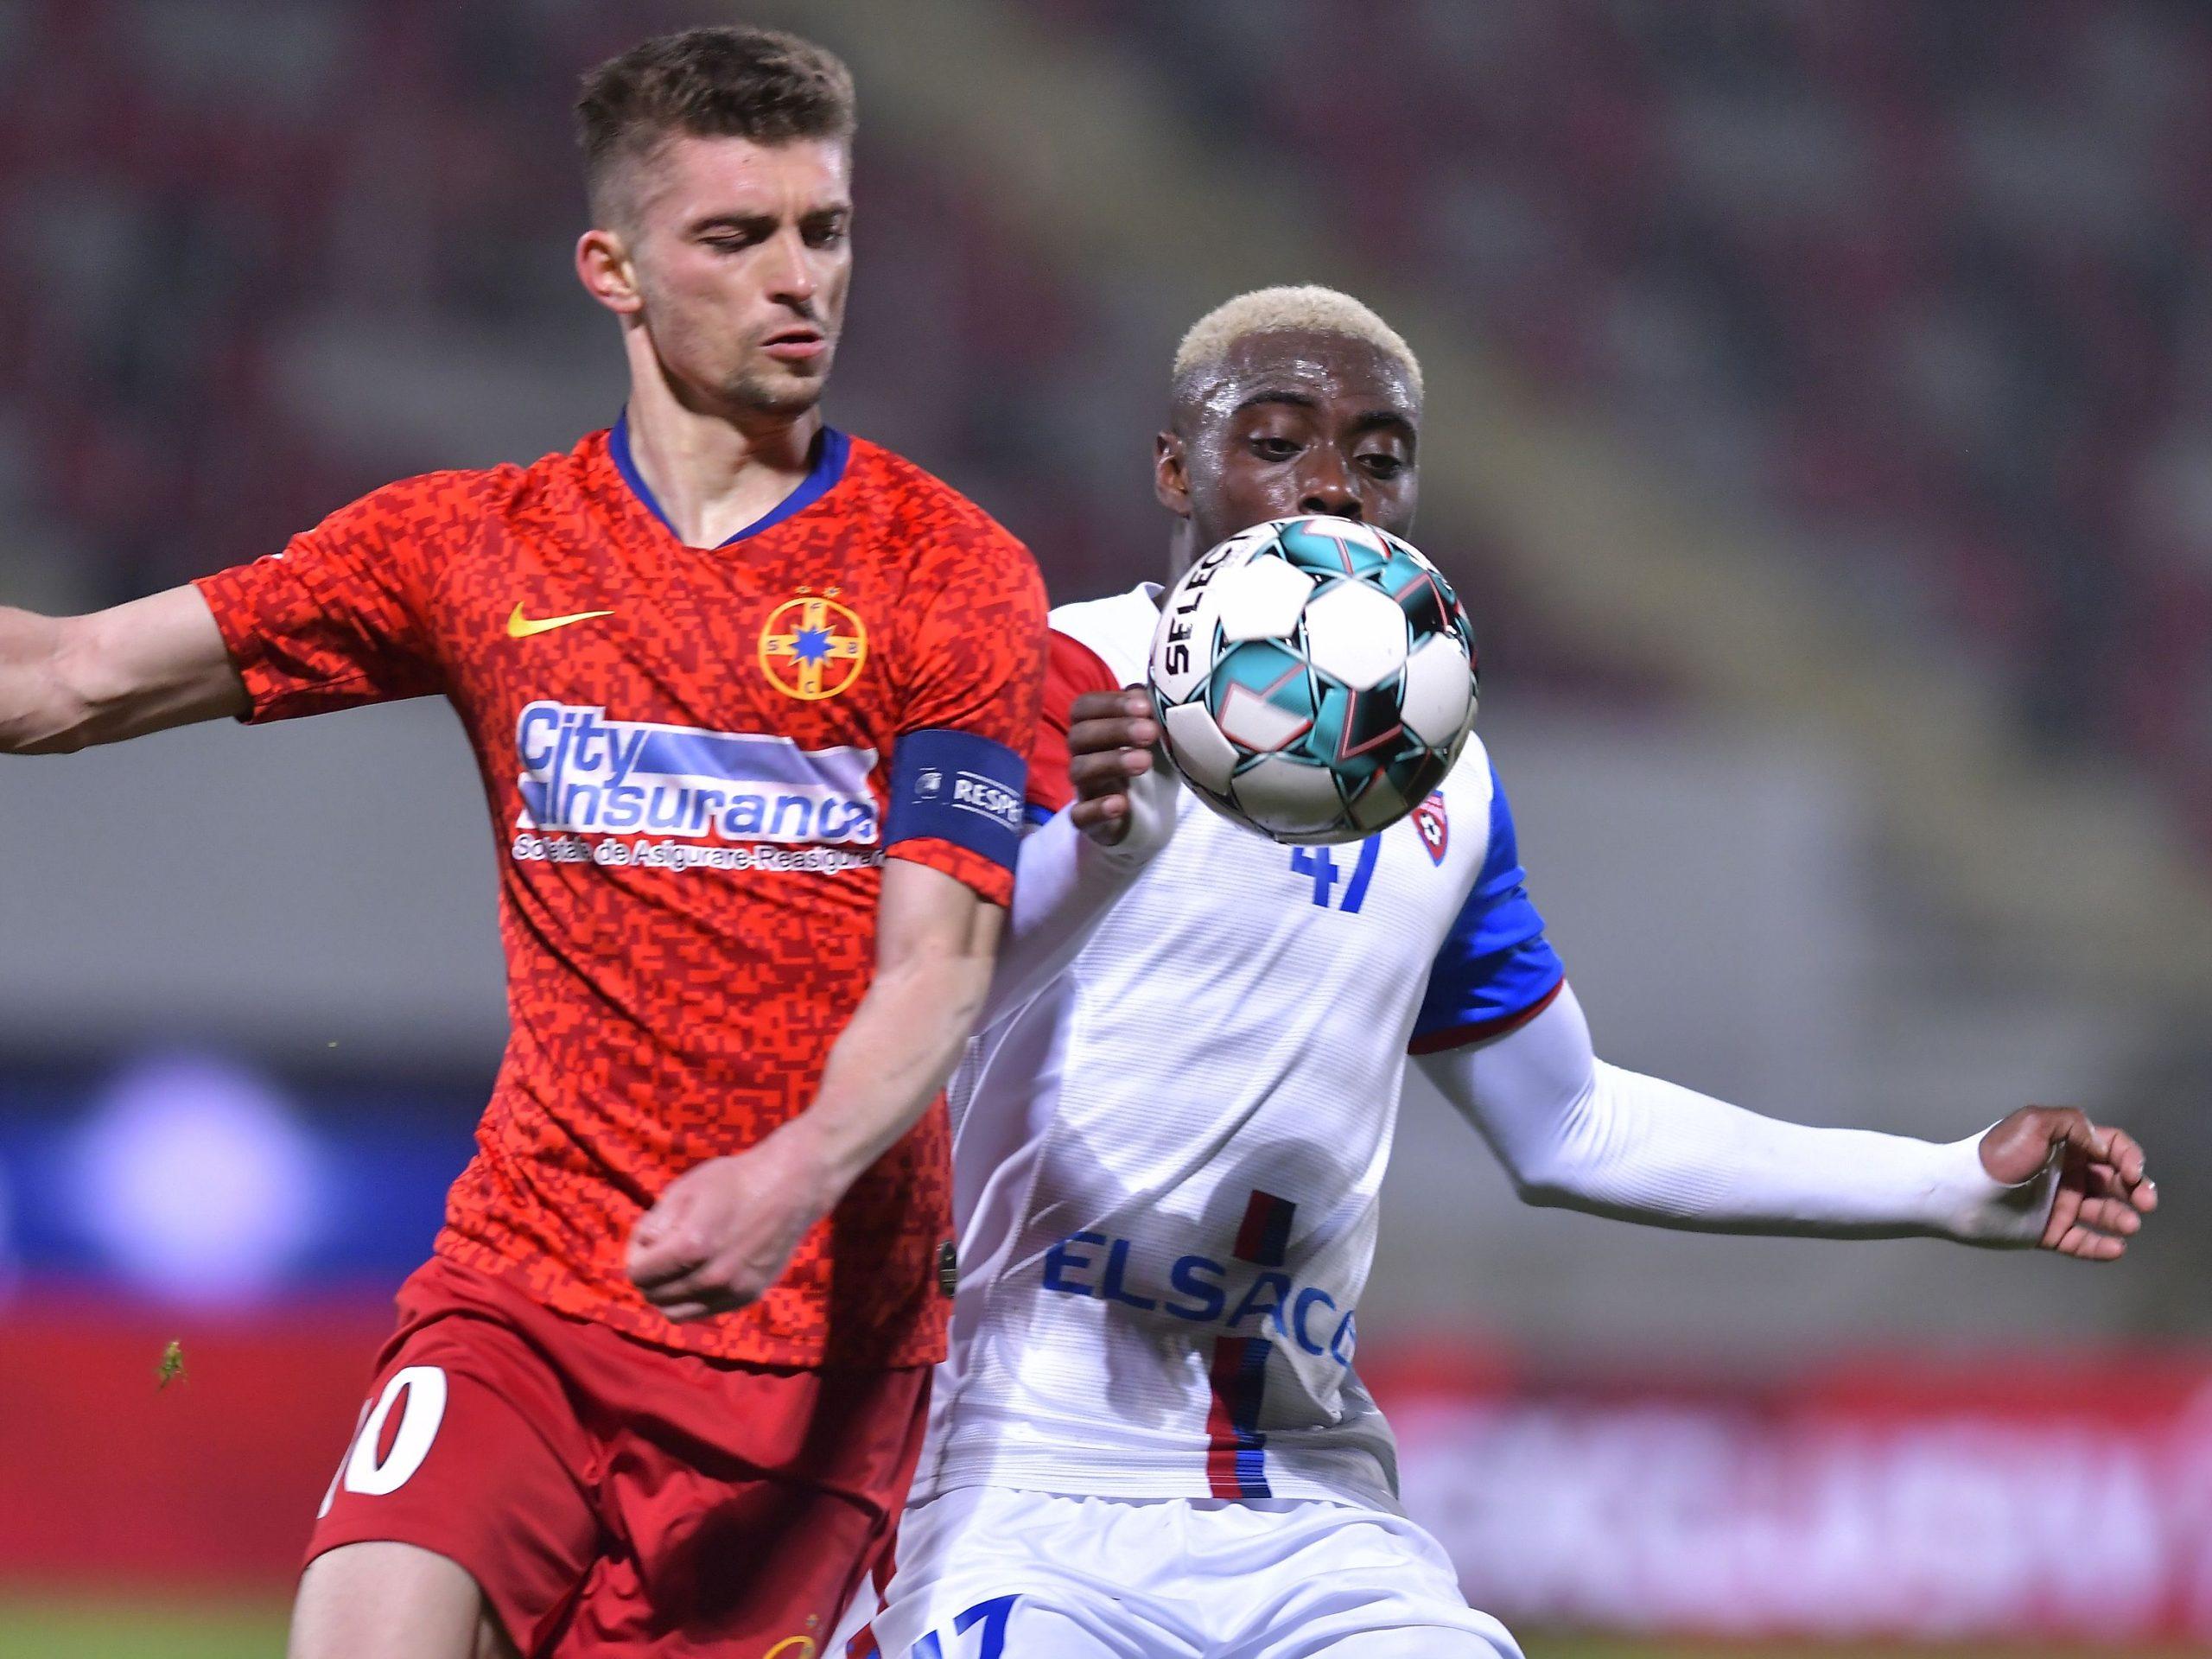 """Florin Tănase e golgheterul Ligii 1, dar nu și-a impresionat toți rivalii: """"Nu e foarte greu de ținut!"""" Cuvinte mari la adresa lui Octavian Popescu"""